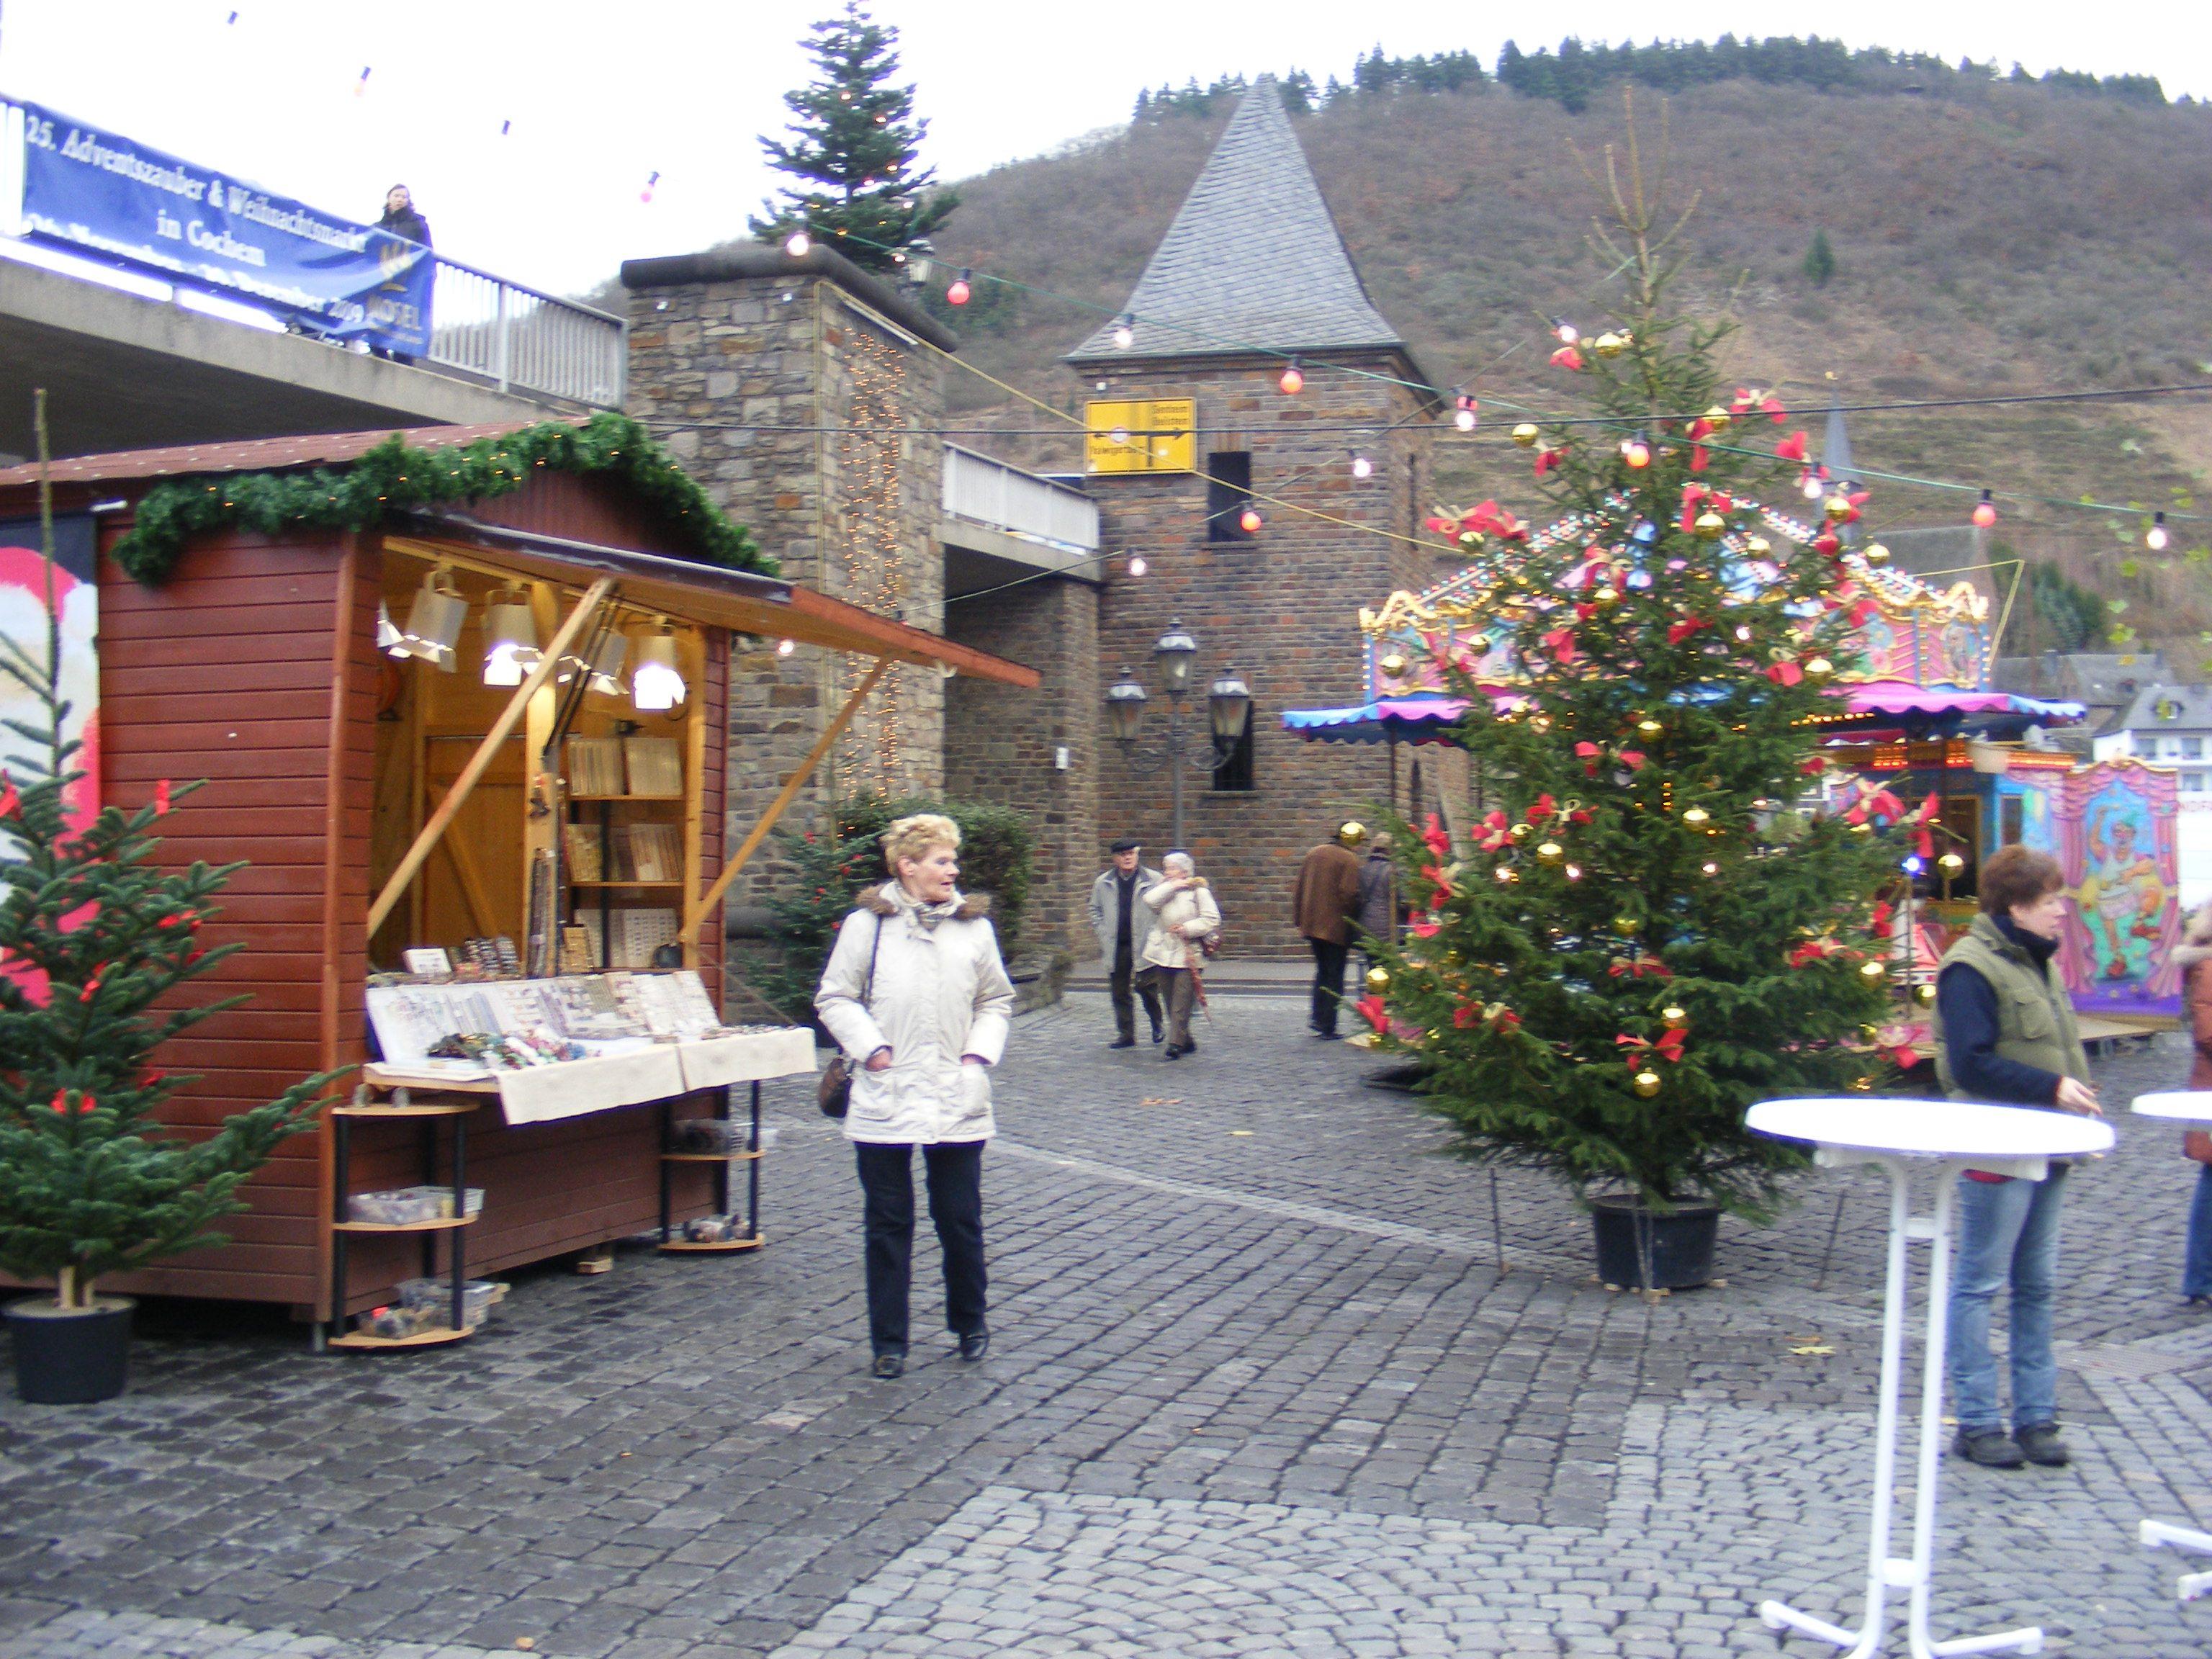 Cochem Weihnachtsmarkt.Weihnachtsmarkt Cochem Deutschland House Styles Home Decor En Home